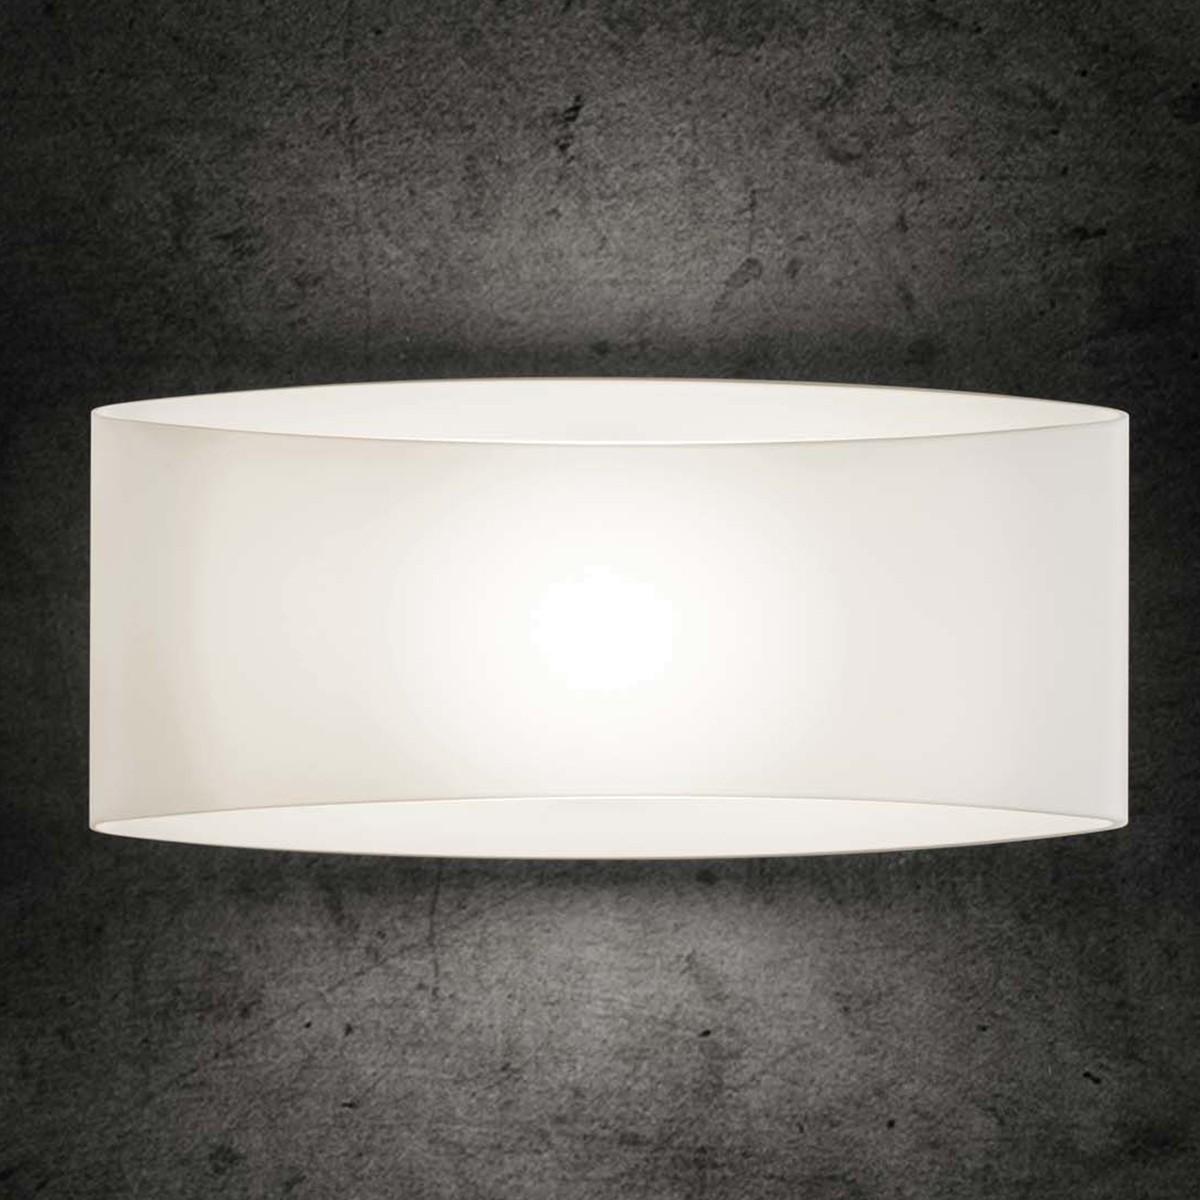 Holtkötter Leuchten 9502 Wandleuchte LED, Glas weiß